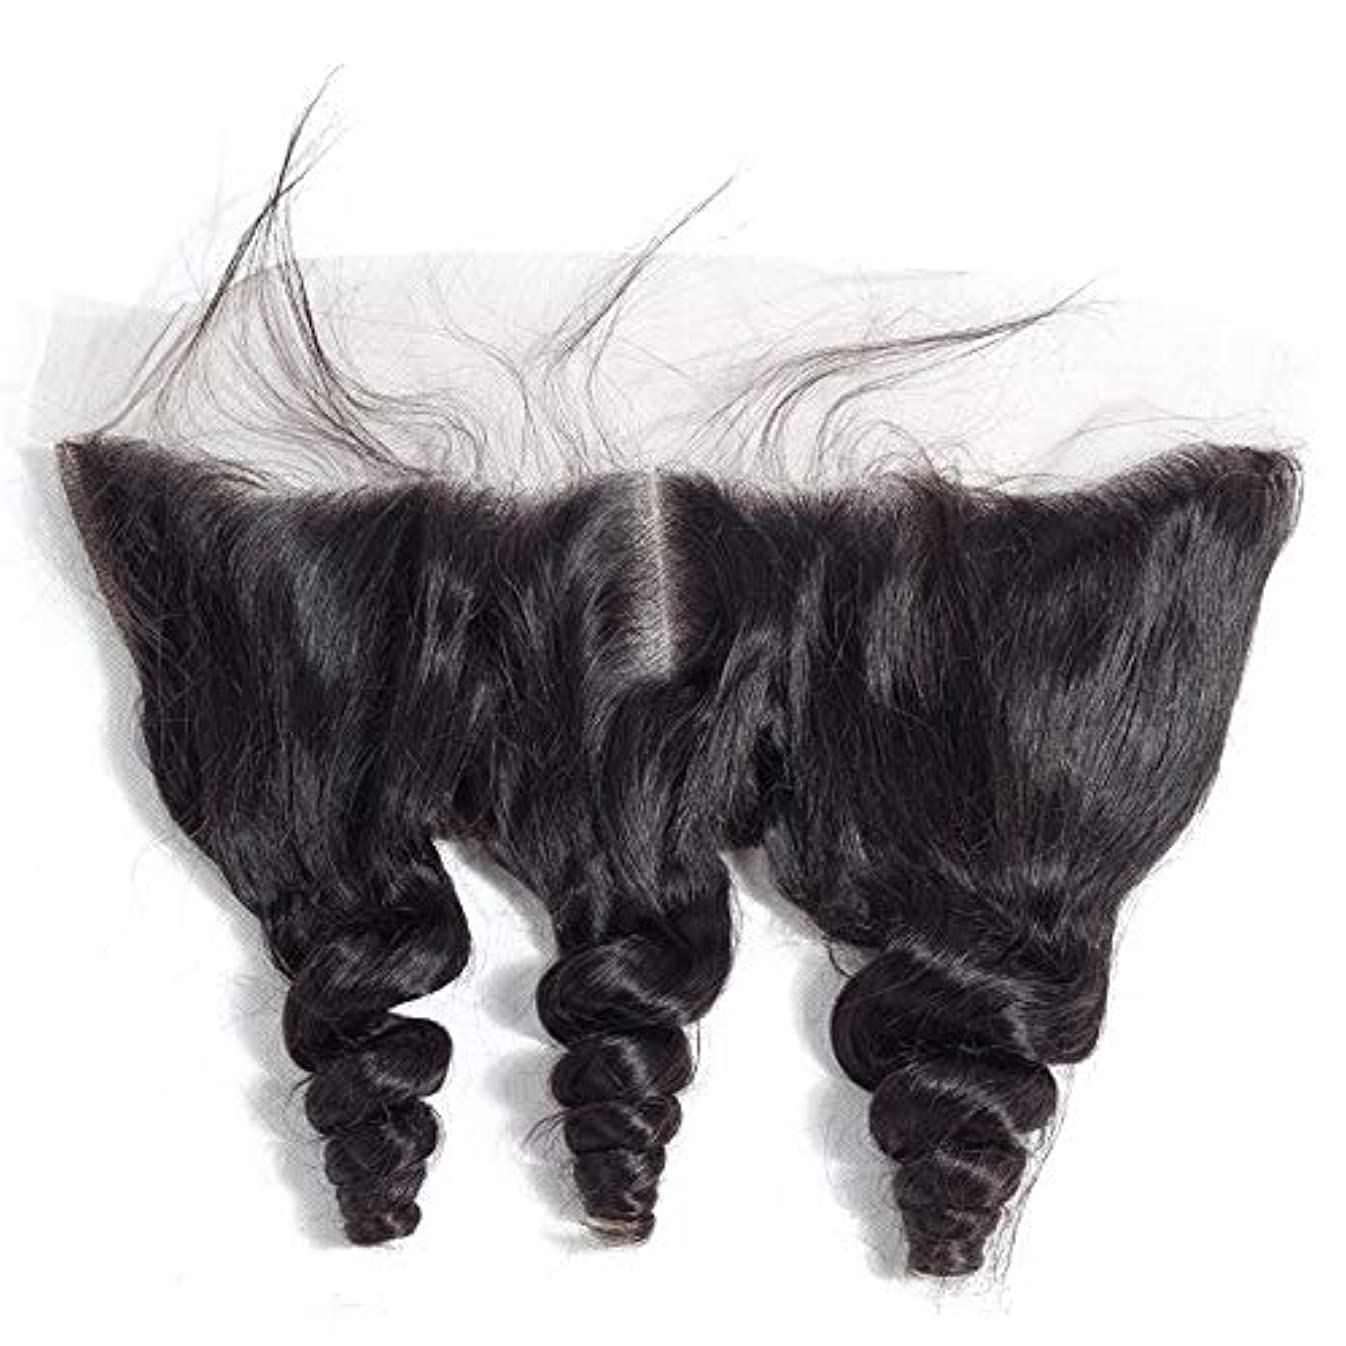 カード二十第三WASAIO ヘアエクステンションクリップ裏地なし髪型ブラジルルーズウェーブ13 * 4レースフロンタル閉鎖横隔膜パート人間 (色 : 黒, サイズ : 8 inch)